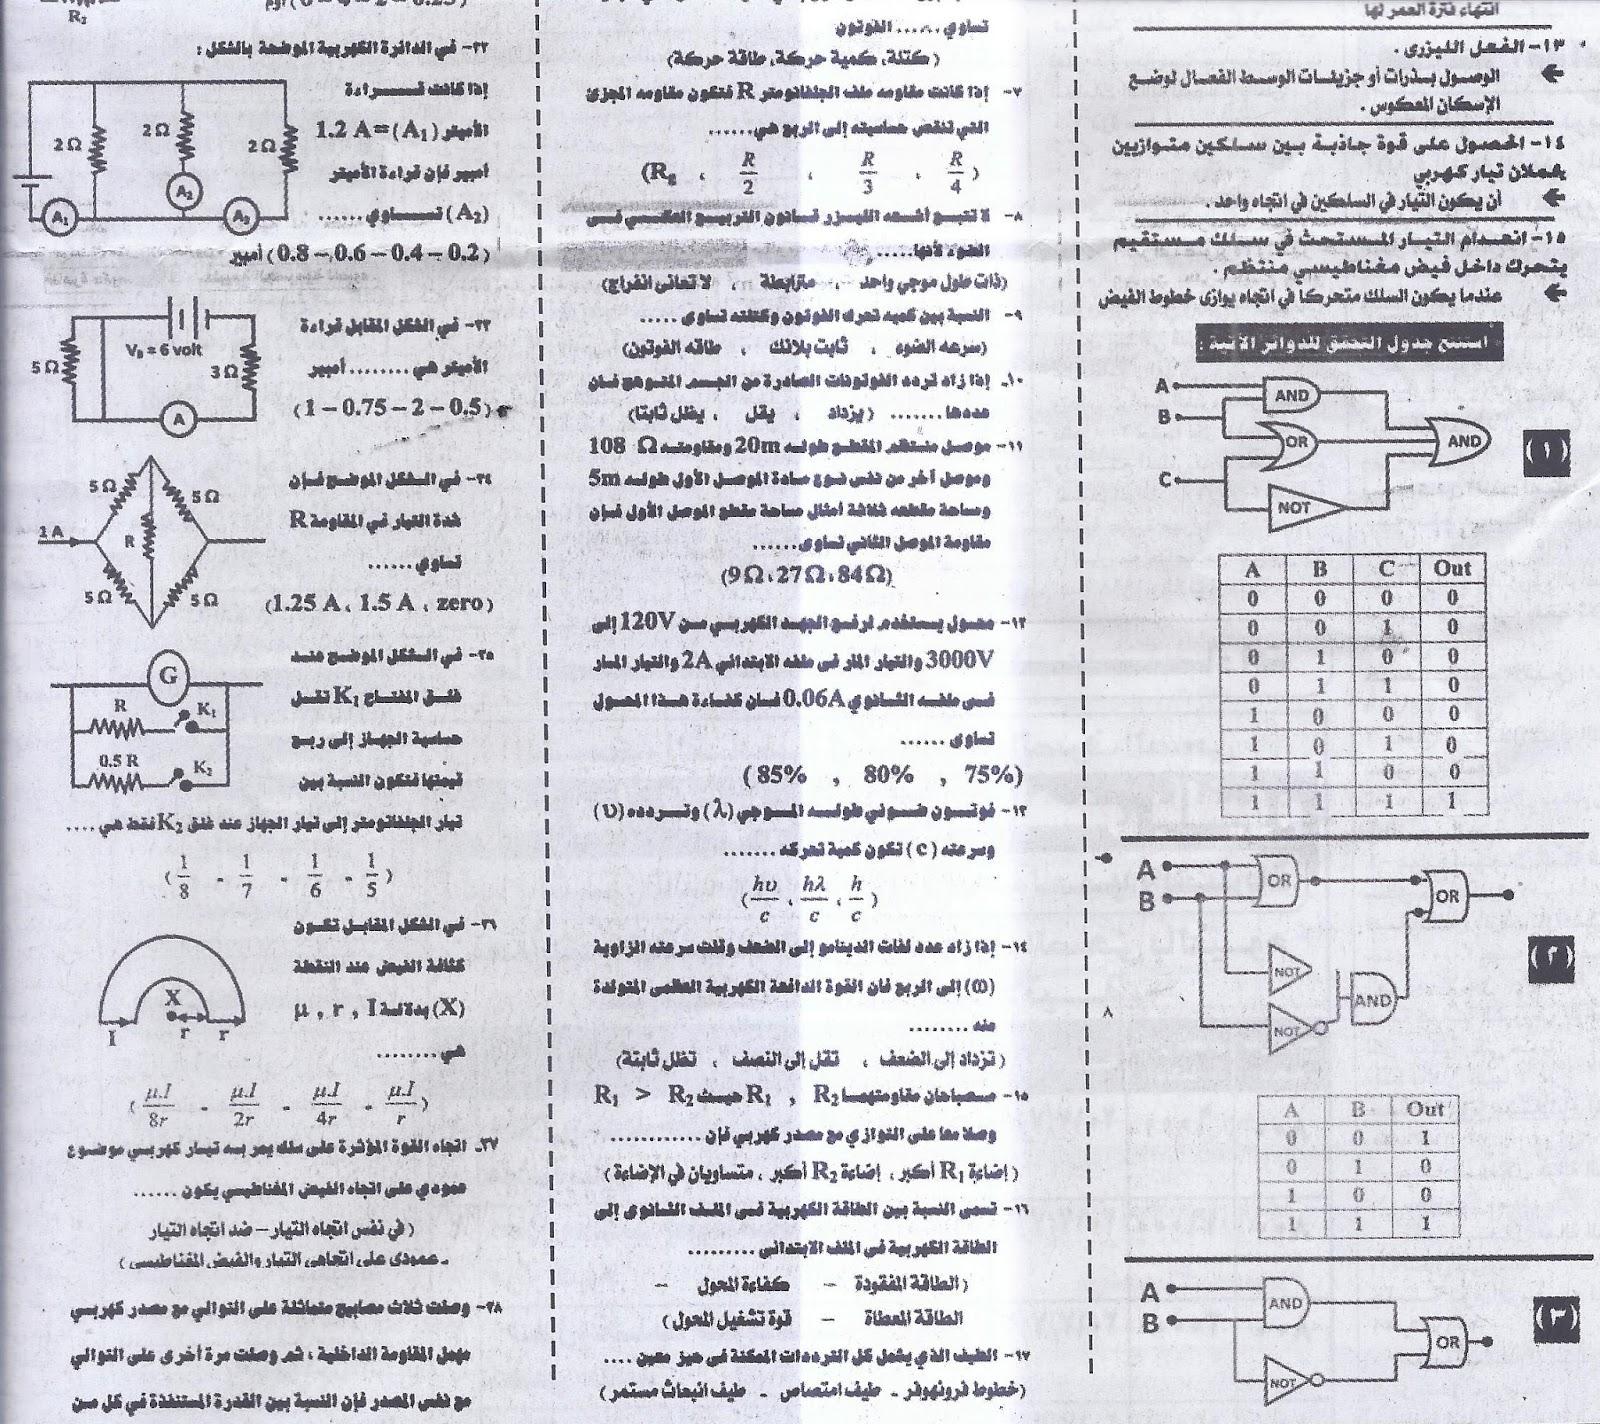 بنك توقعات الفيزياء.. لثالثة ثانوي - ملحق الجمهورية الجزء الاول 10